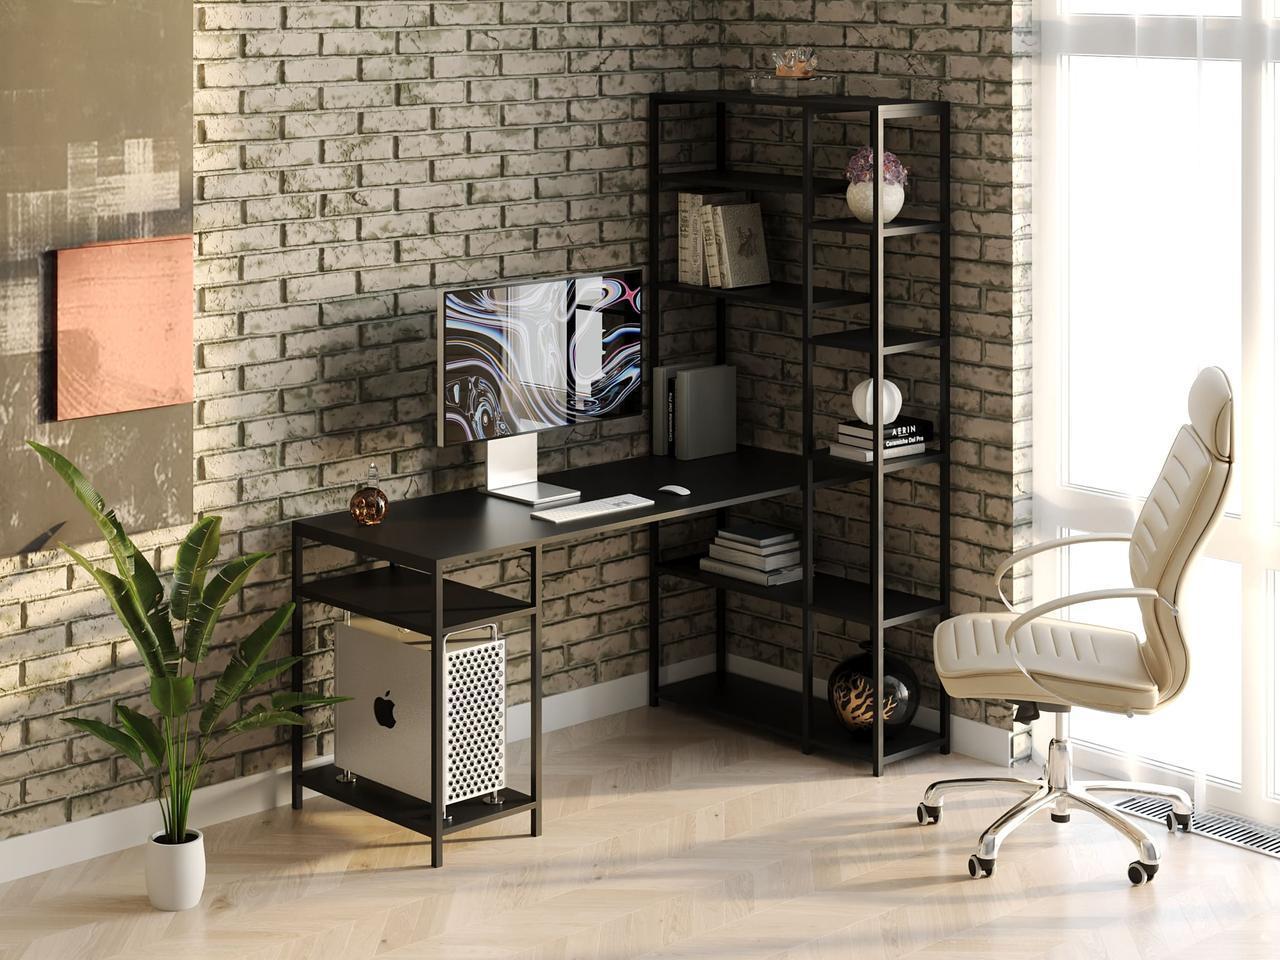 Компьютерный стол лофтовый со стеллажом сбоку из ДСП VZ-56